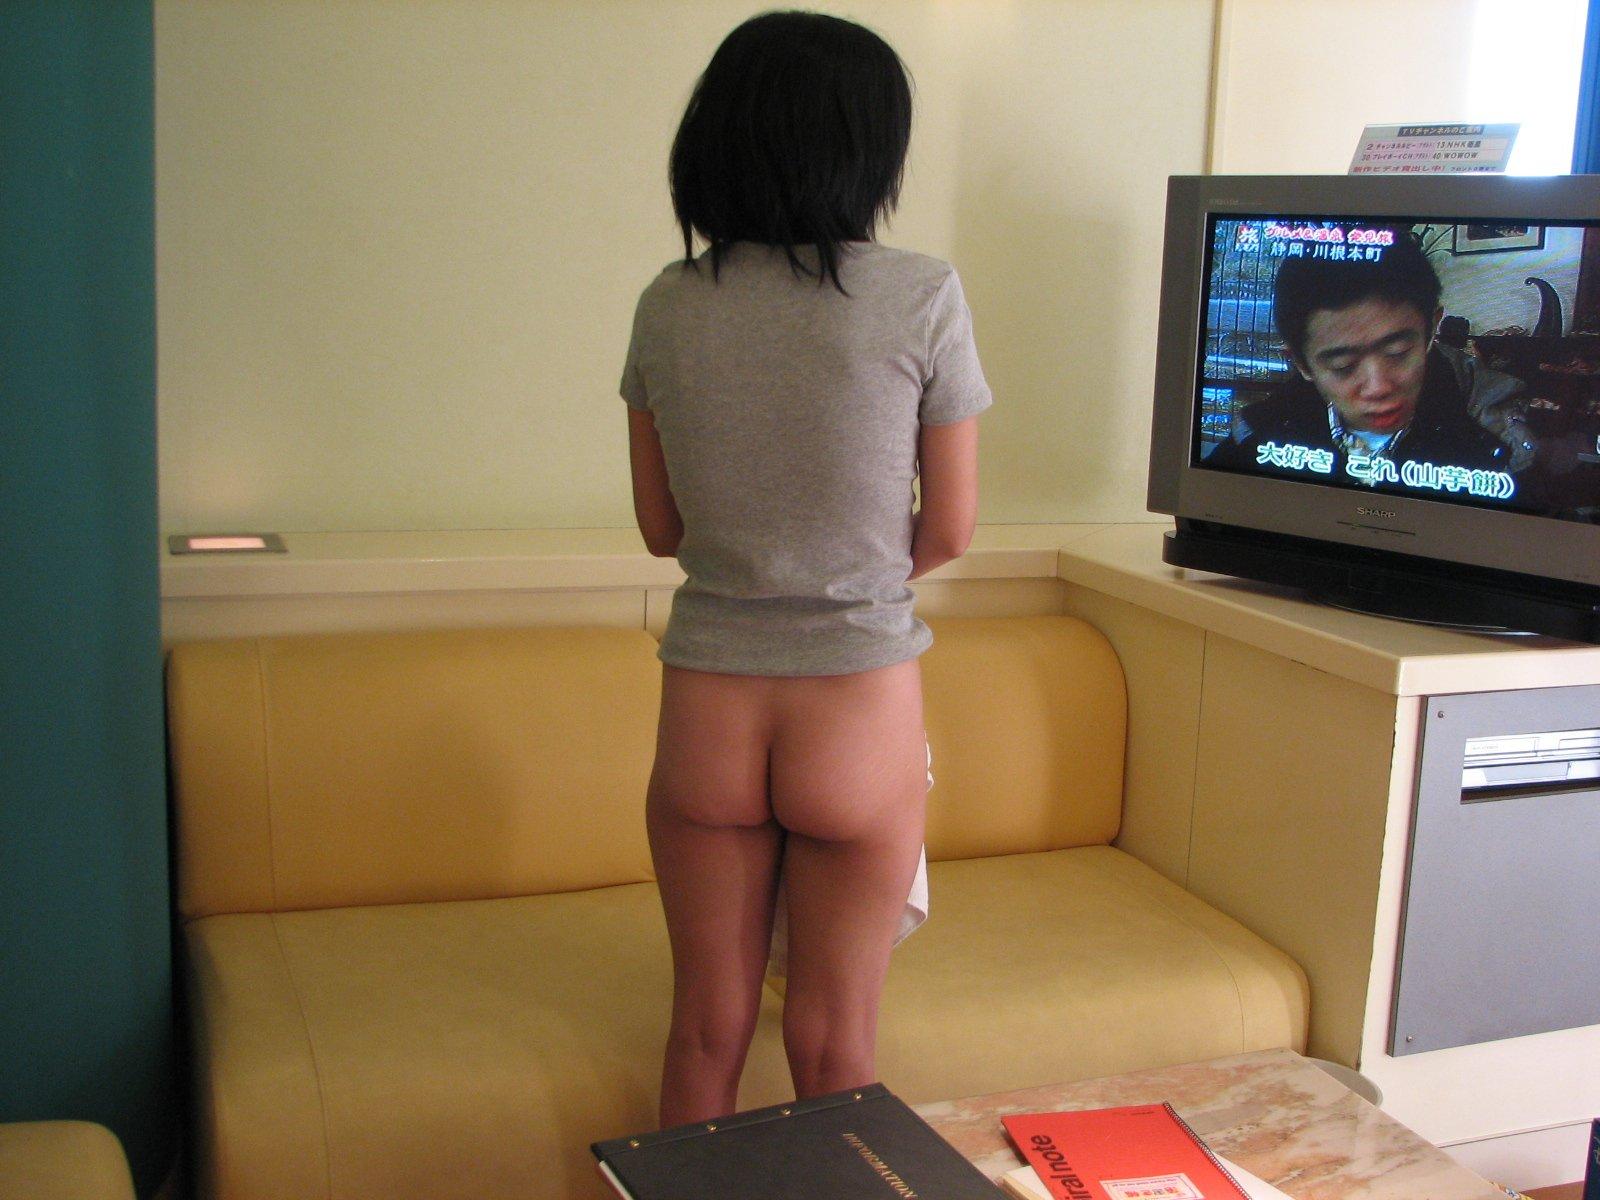 彼女の下半身を露出させた姿がめっちゃ可愛いエロ画像 221